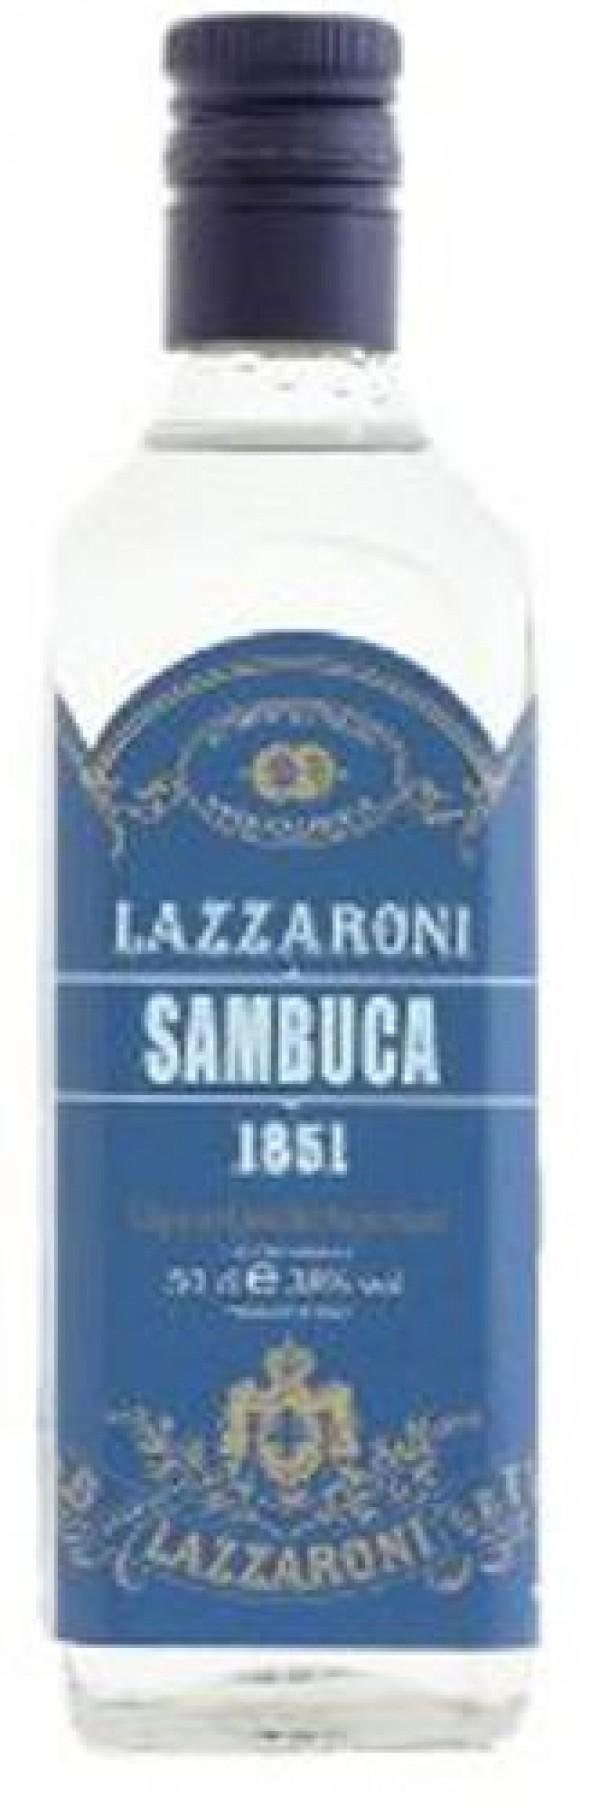 Lazzaroni Sambuca